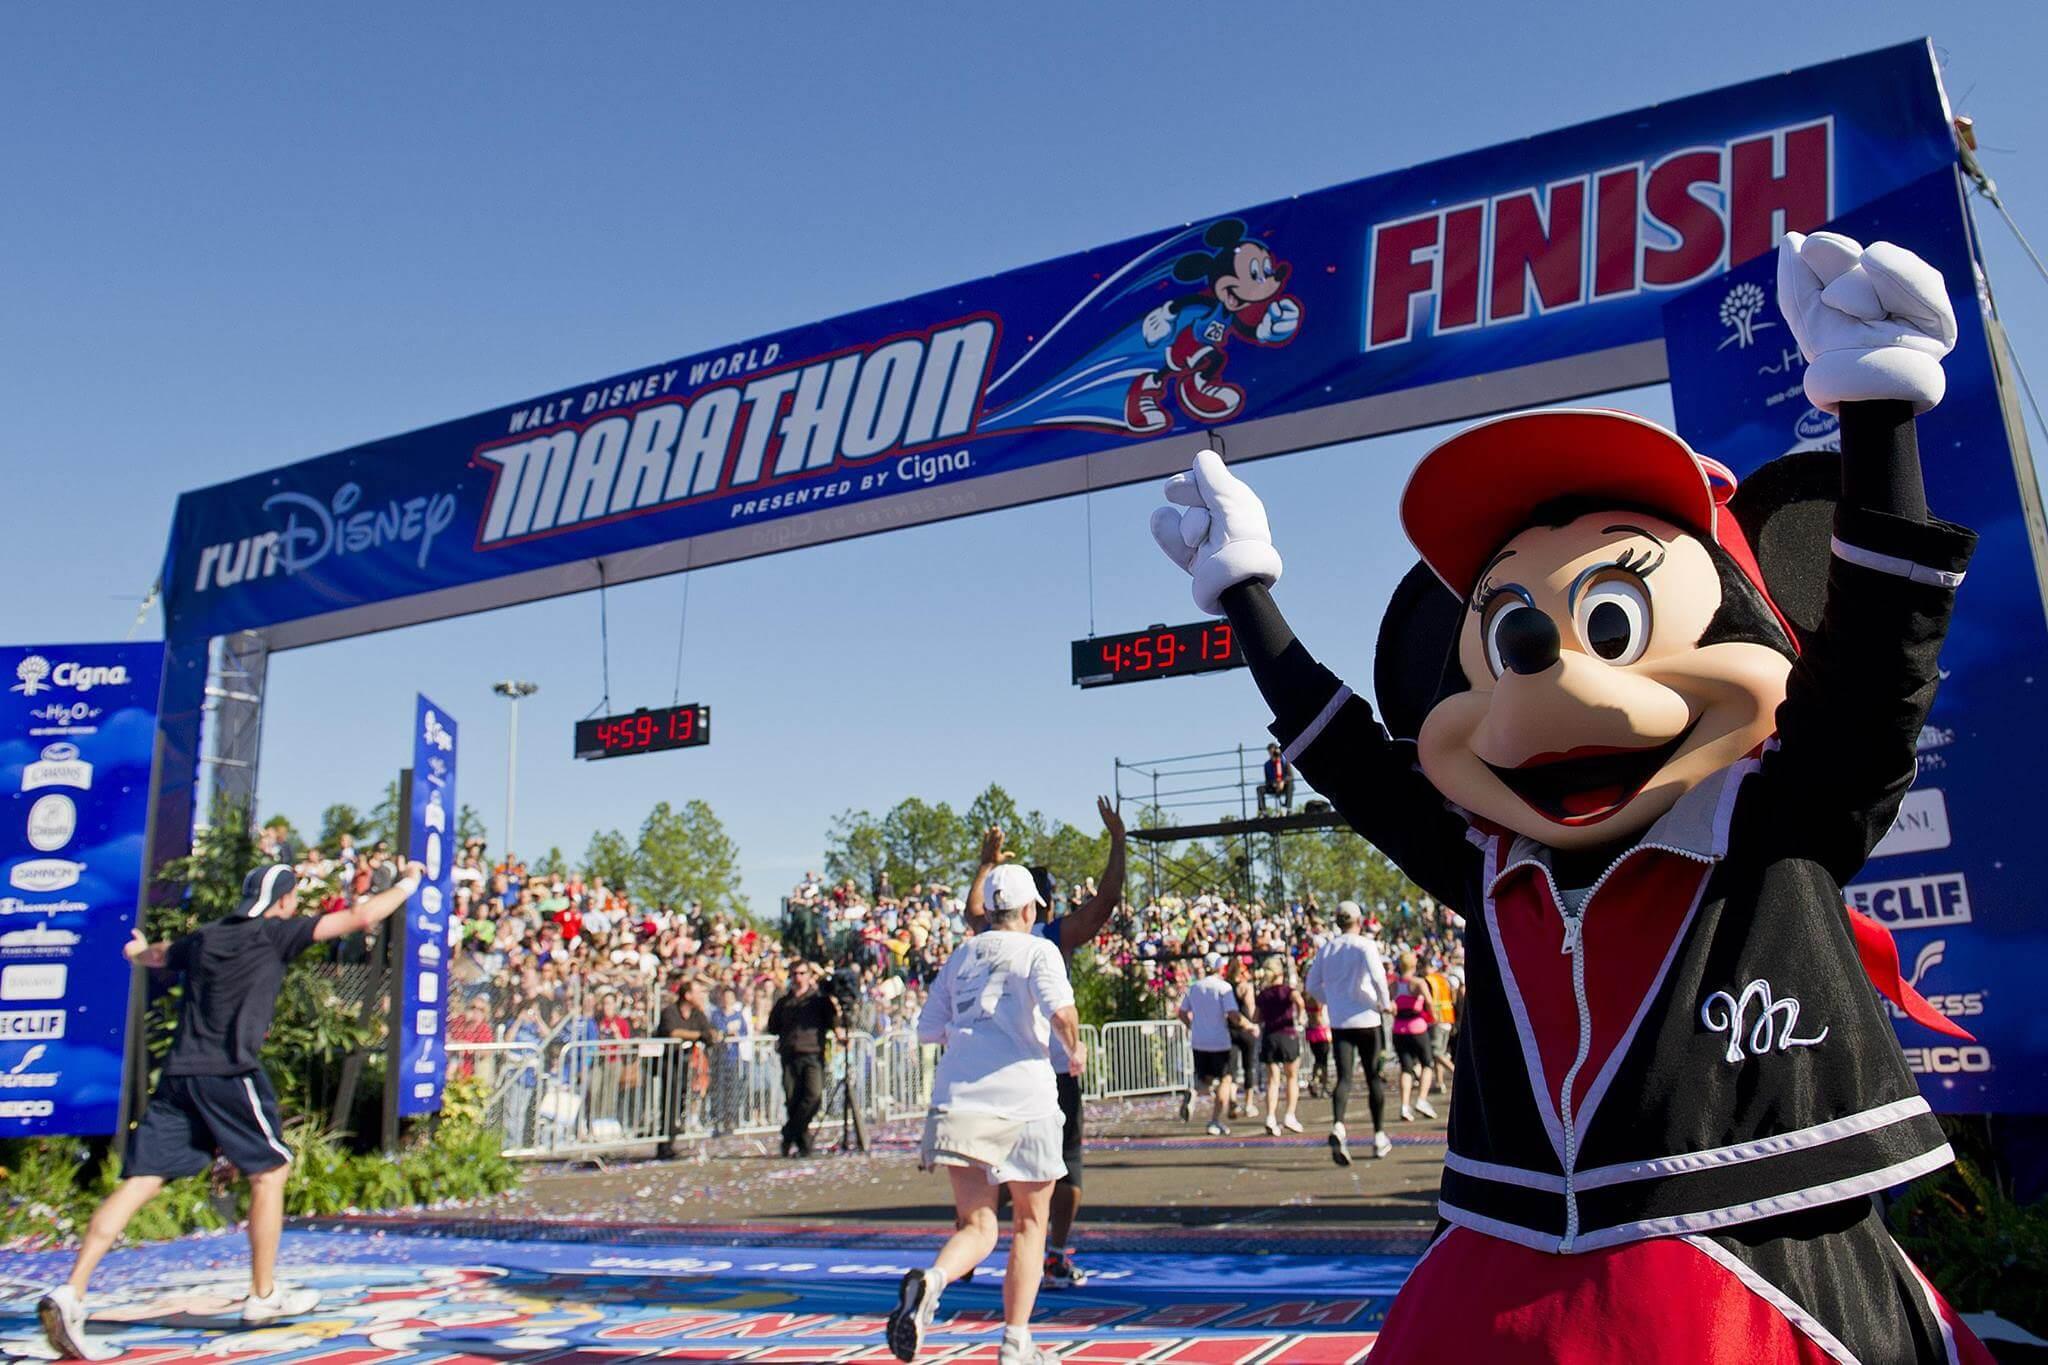 Corridas e maratonas da Disney Orlando em 2019